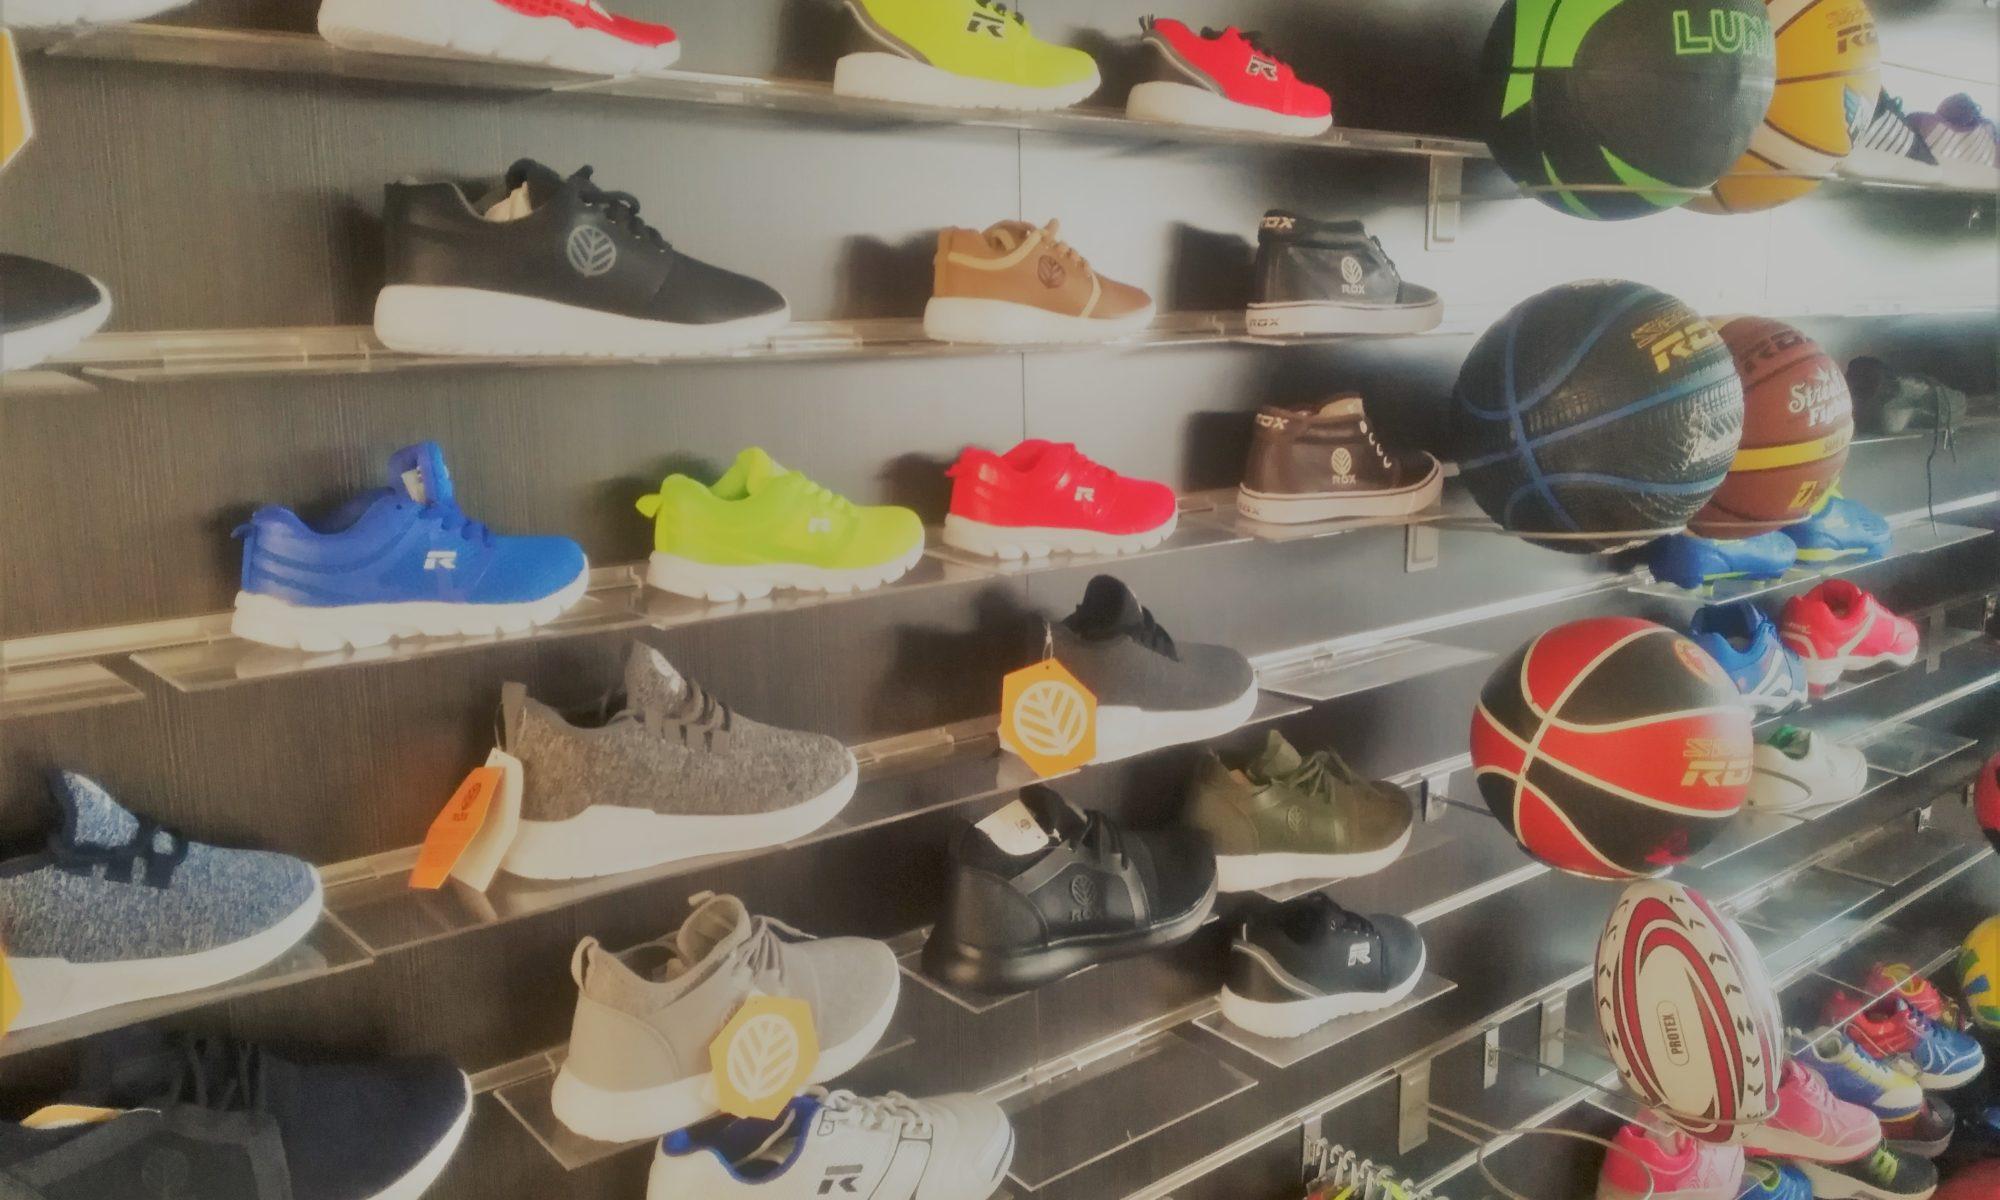 Estantería con zapatillas deportivas y balones